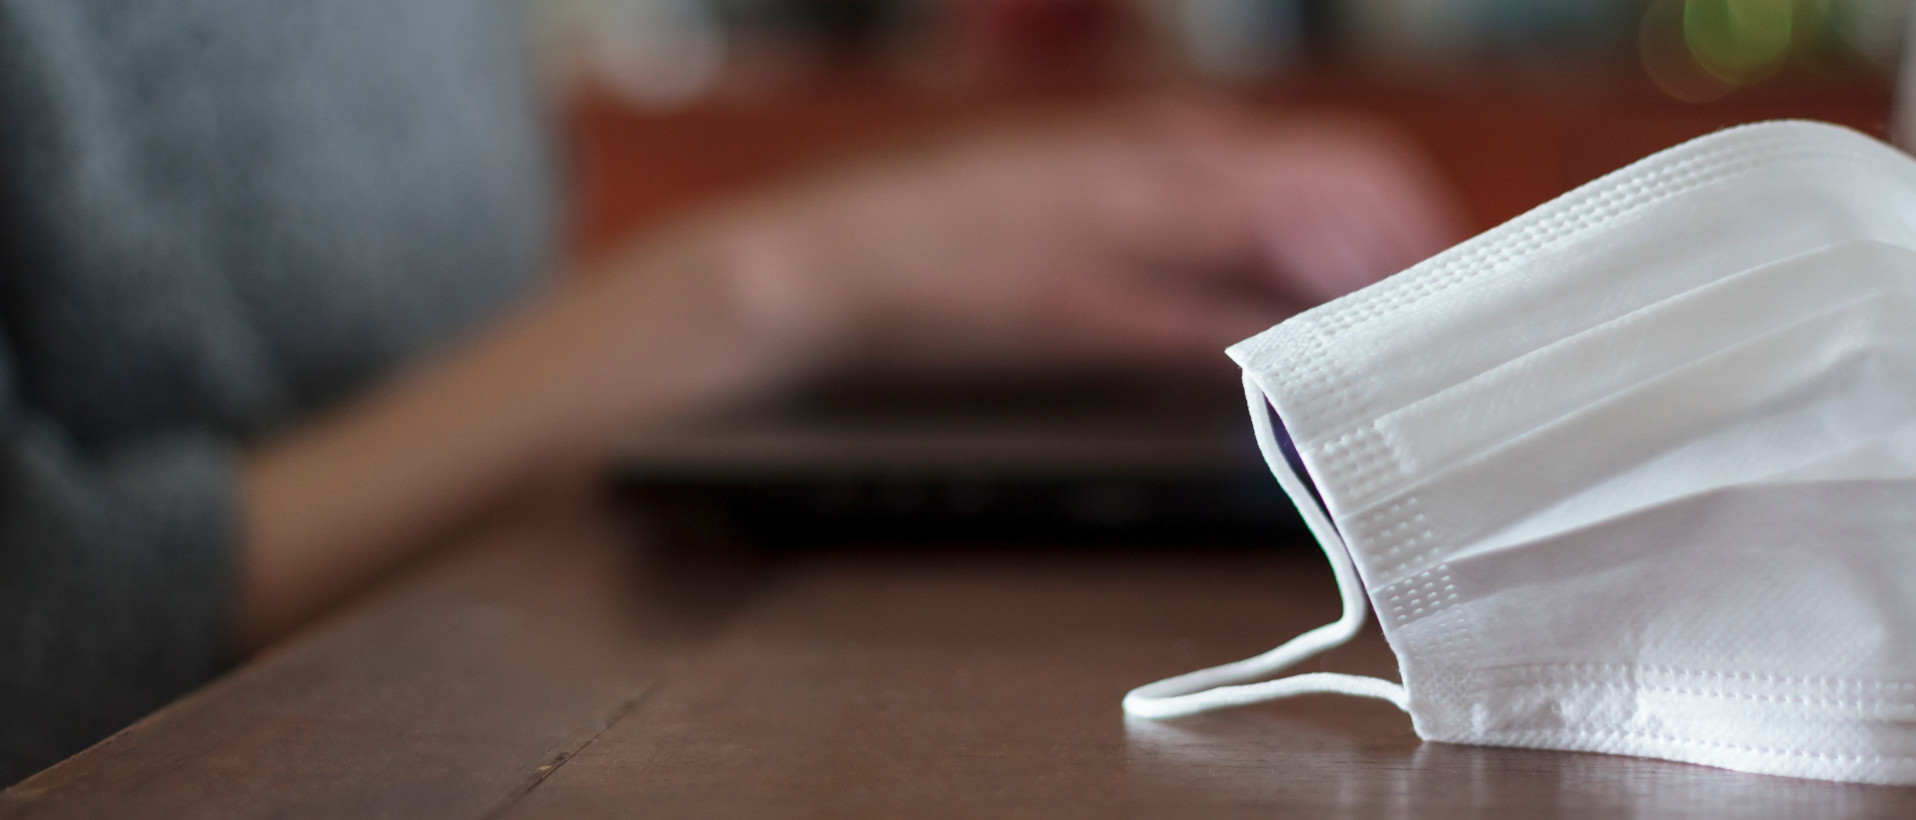 Ein Mund-Nasen-Schutz liegt auf einem Schreibtisch.